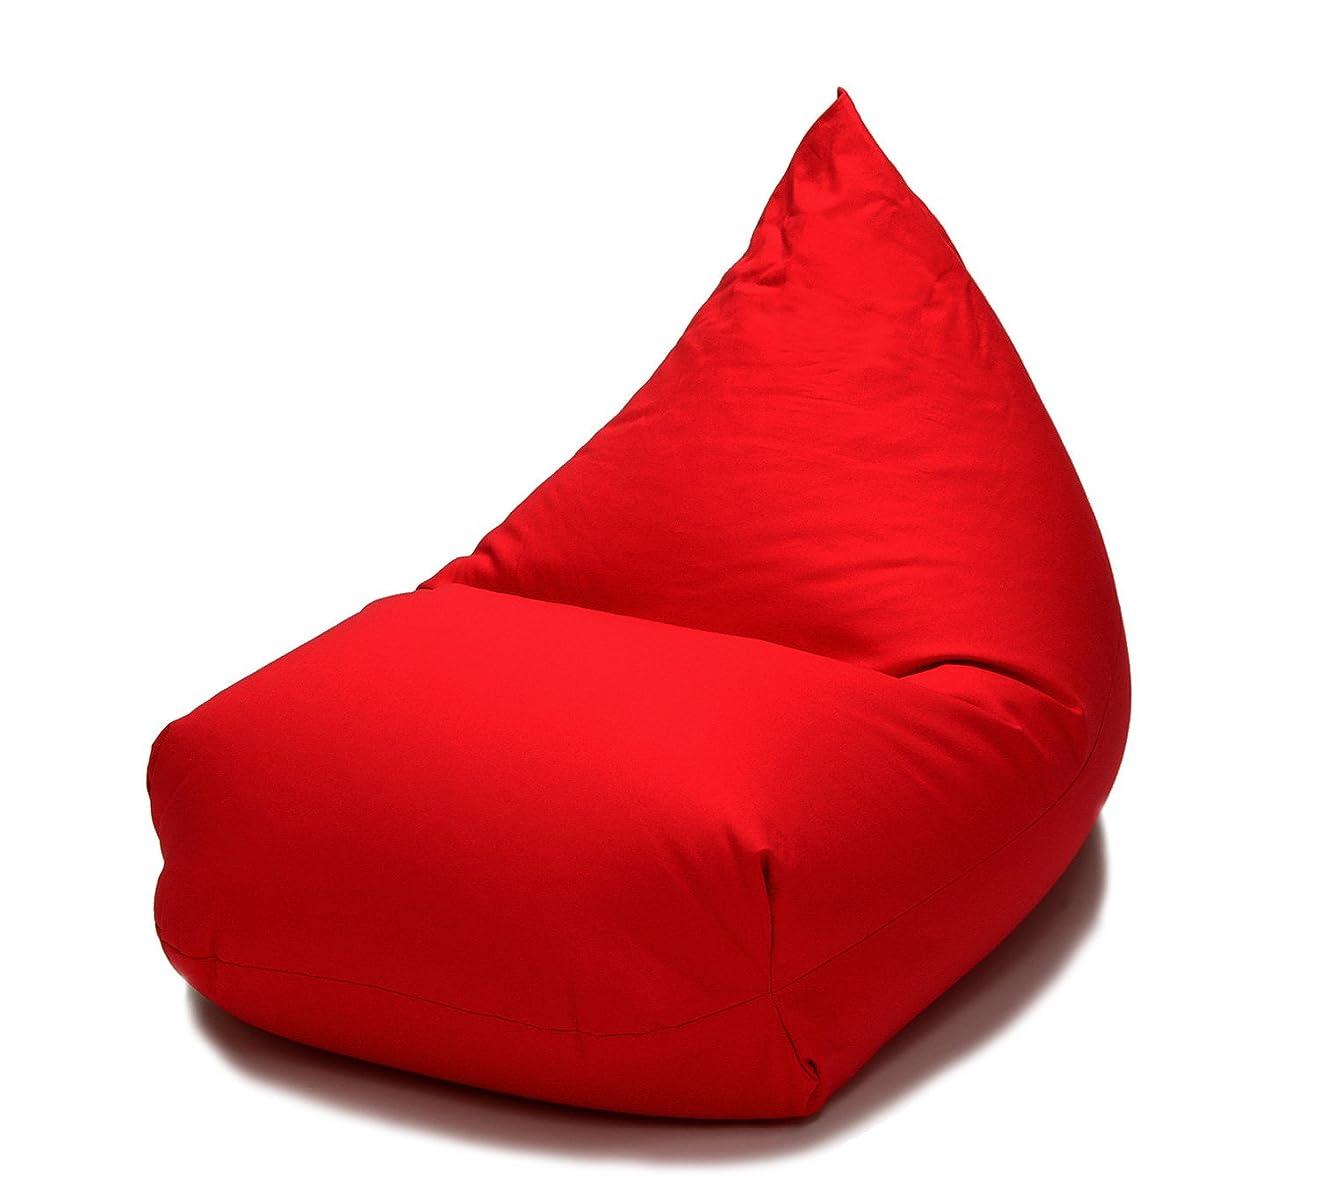 概して恵み逃げるビーズクッション レゴリス 日本製 おすすめ ビーズソファー ソファー 座椅子 大ボリューム (レッド)